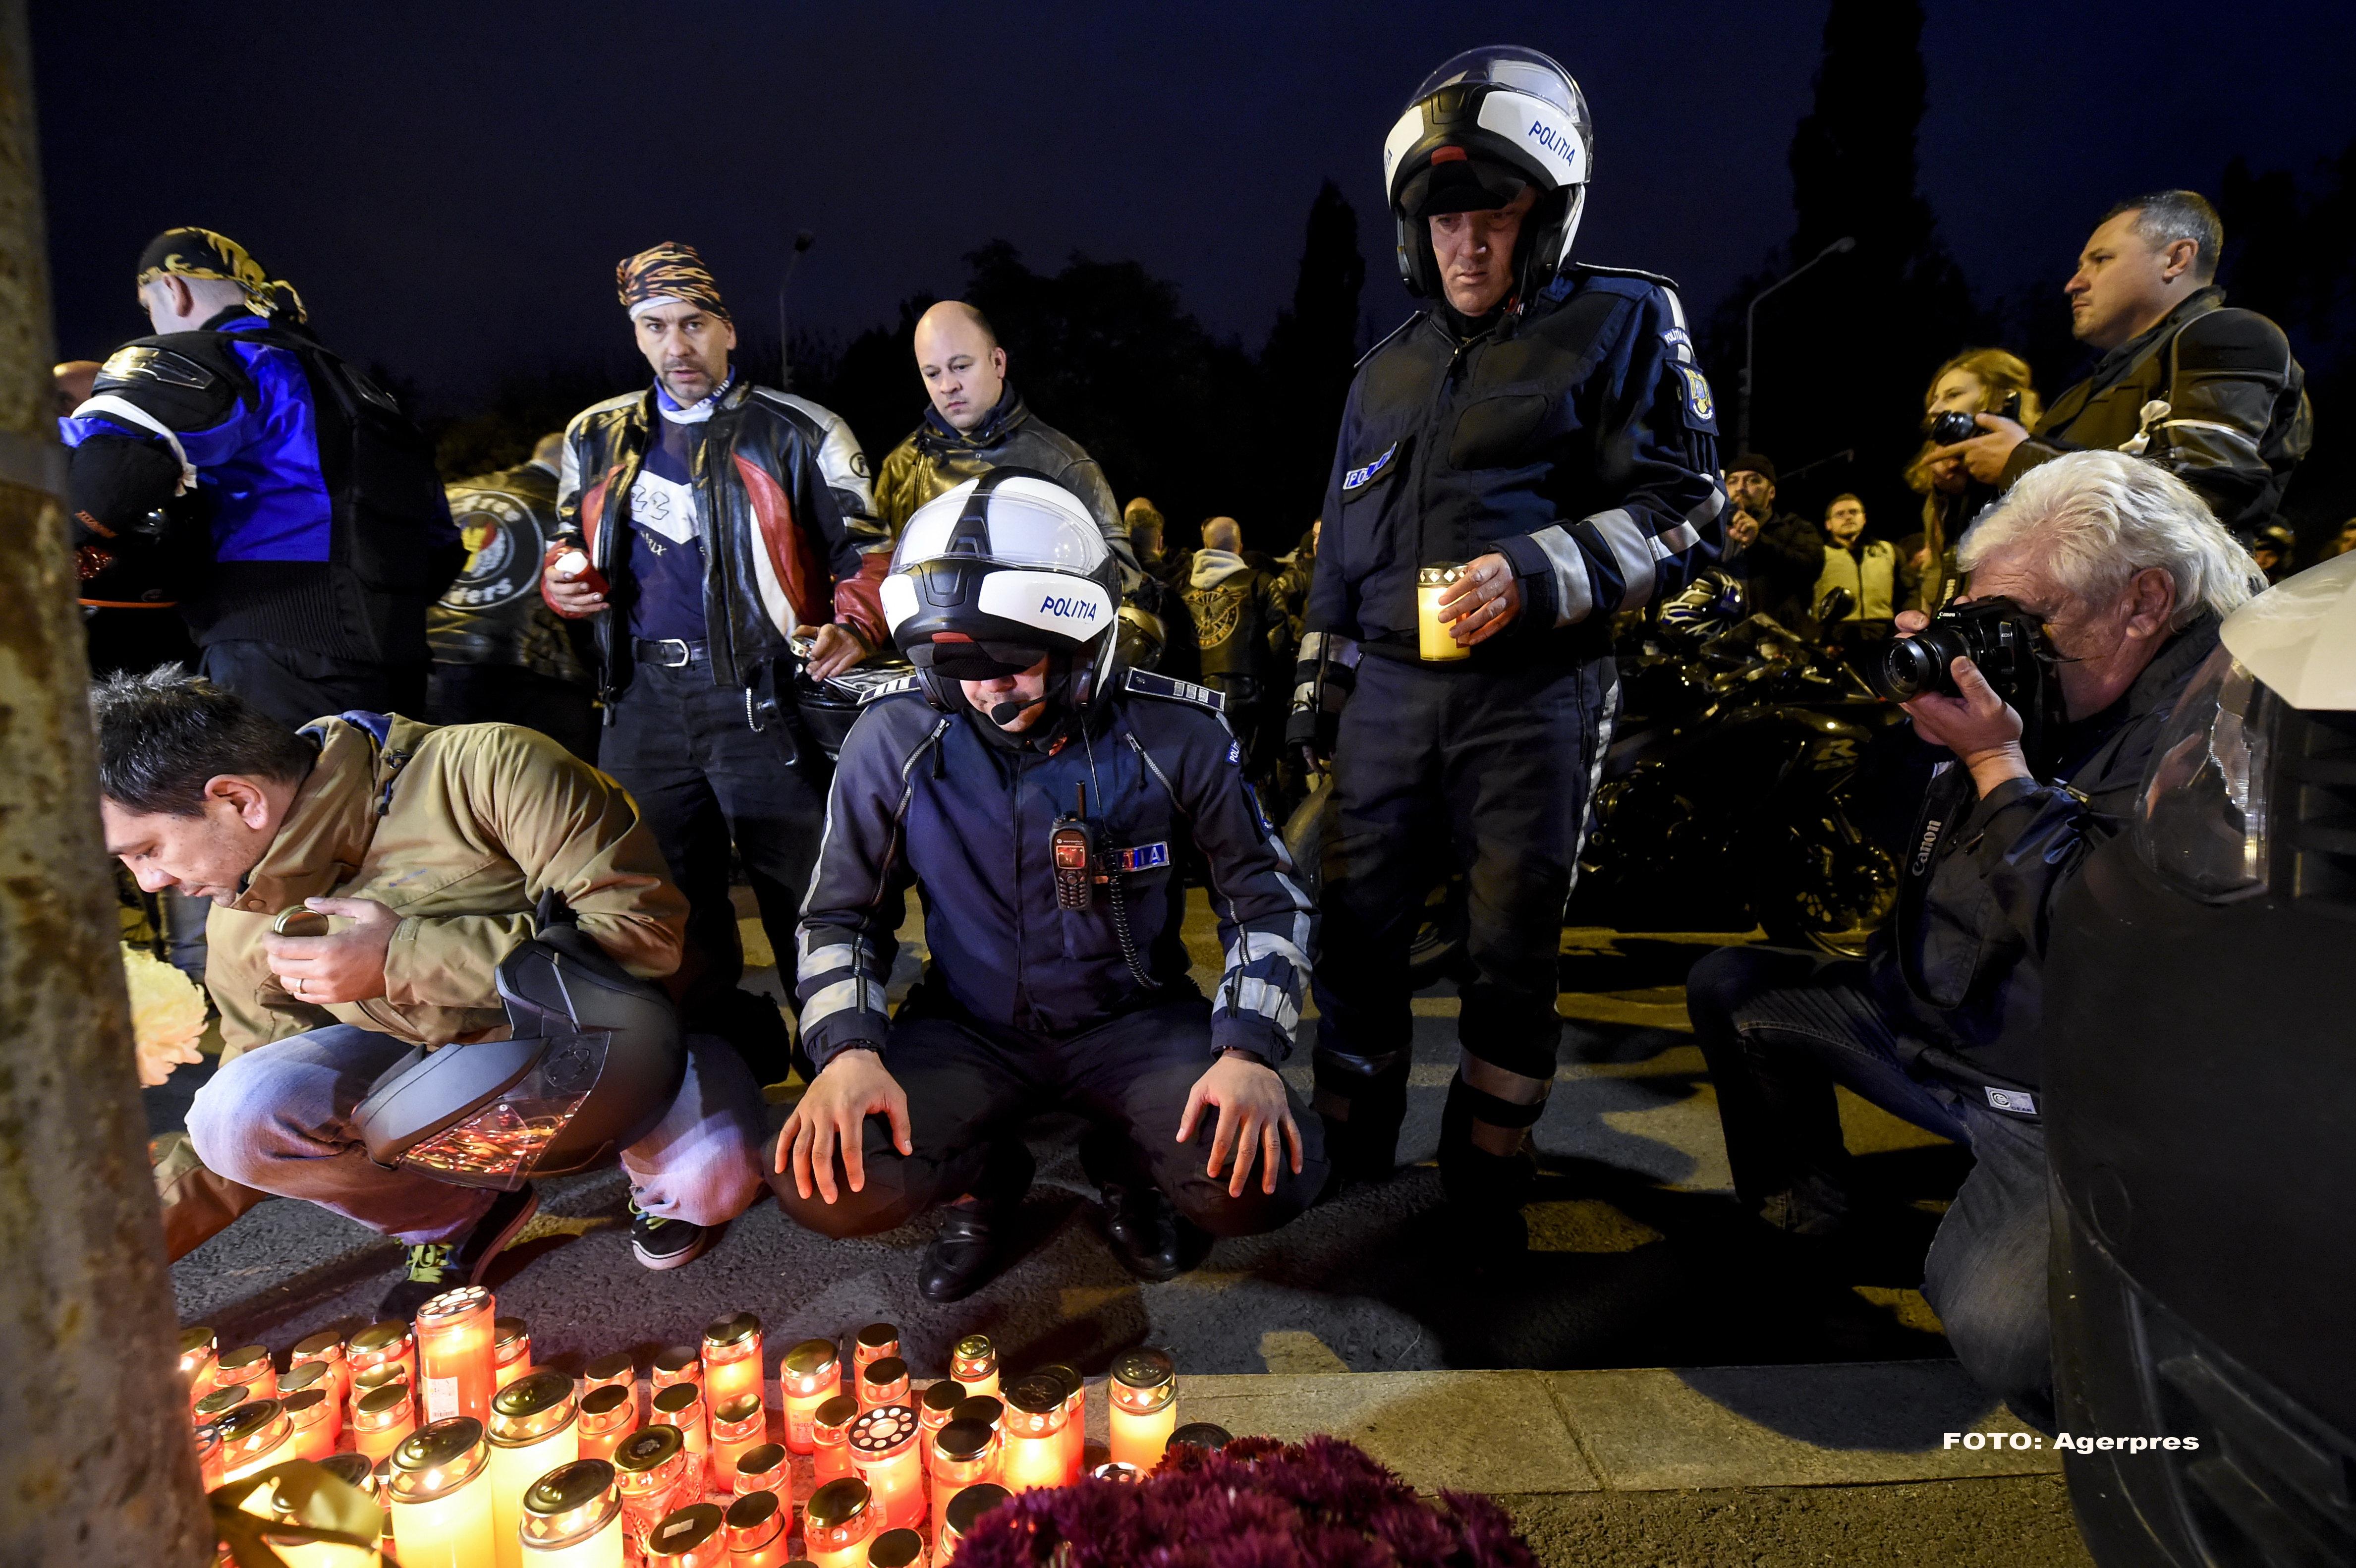 Aproximativ 500 de motociclisti s-au adunat intr-un mars al tacerii, in memoria politistului mort. Oamenii vor raspunsuri